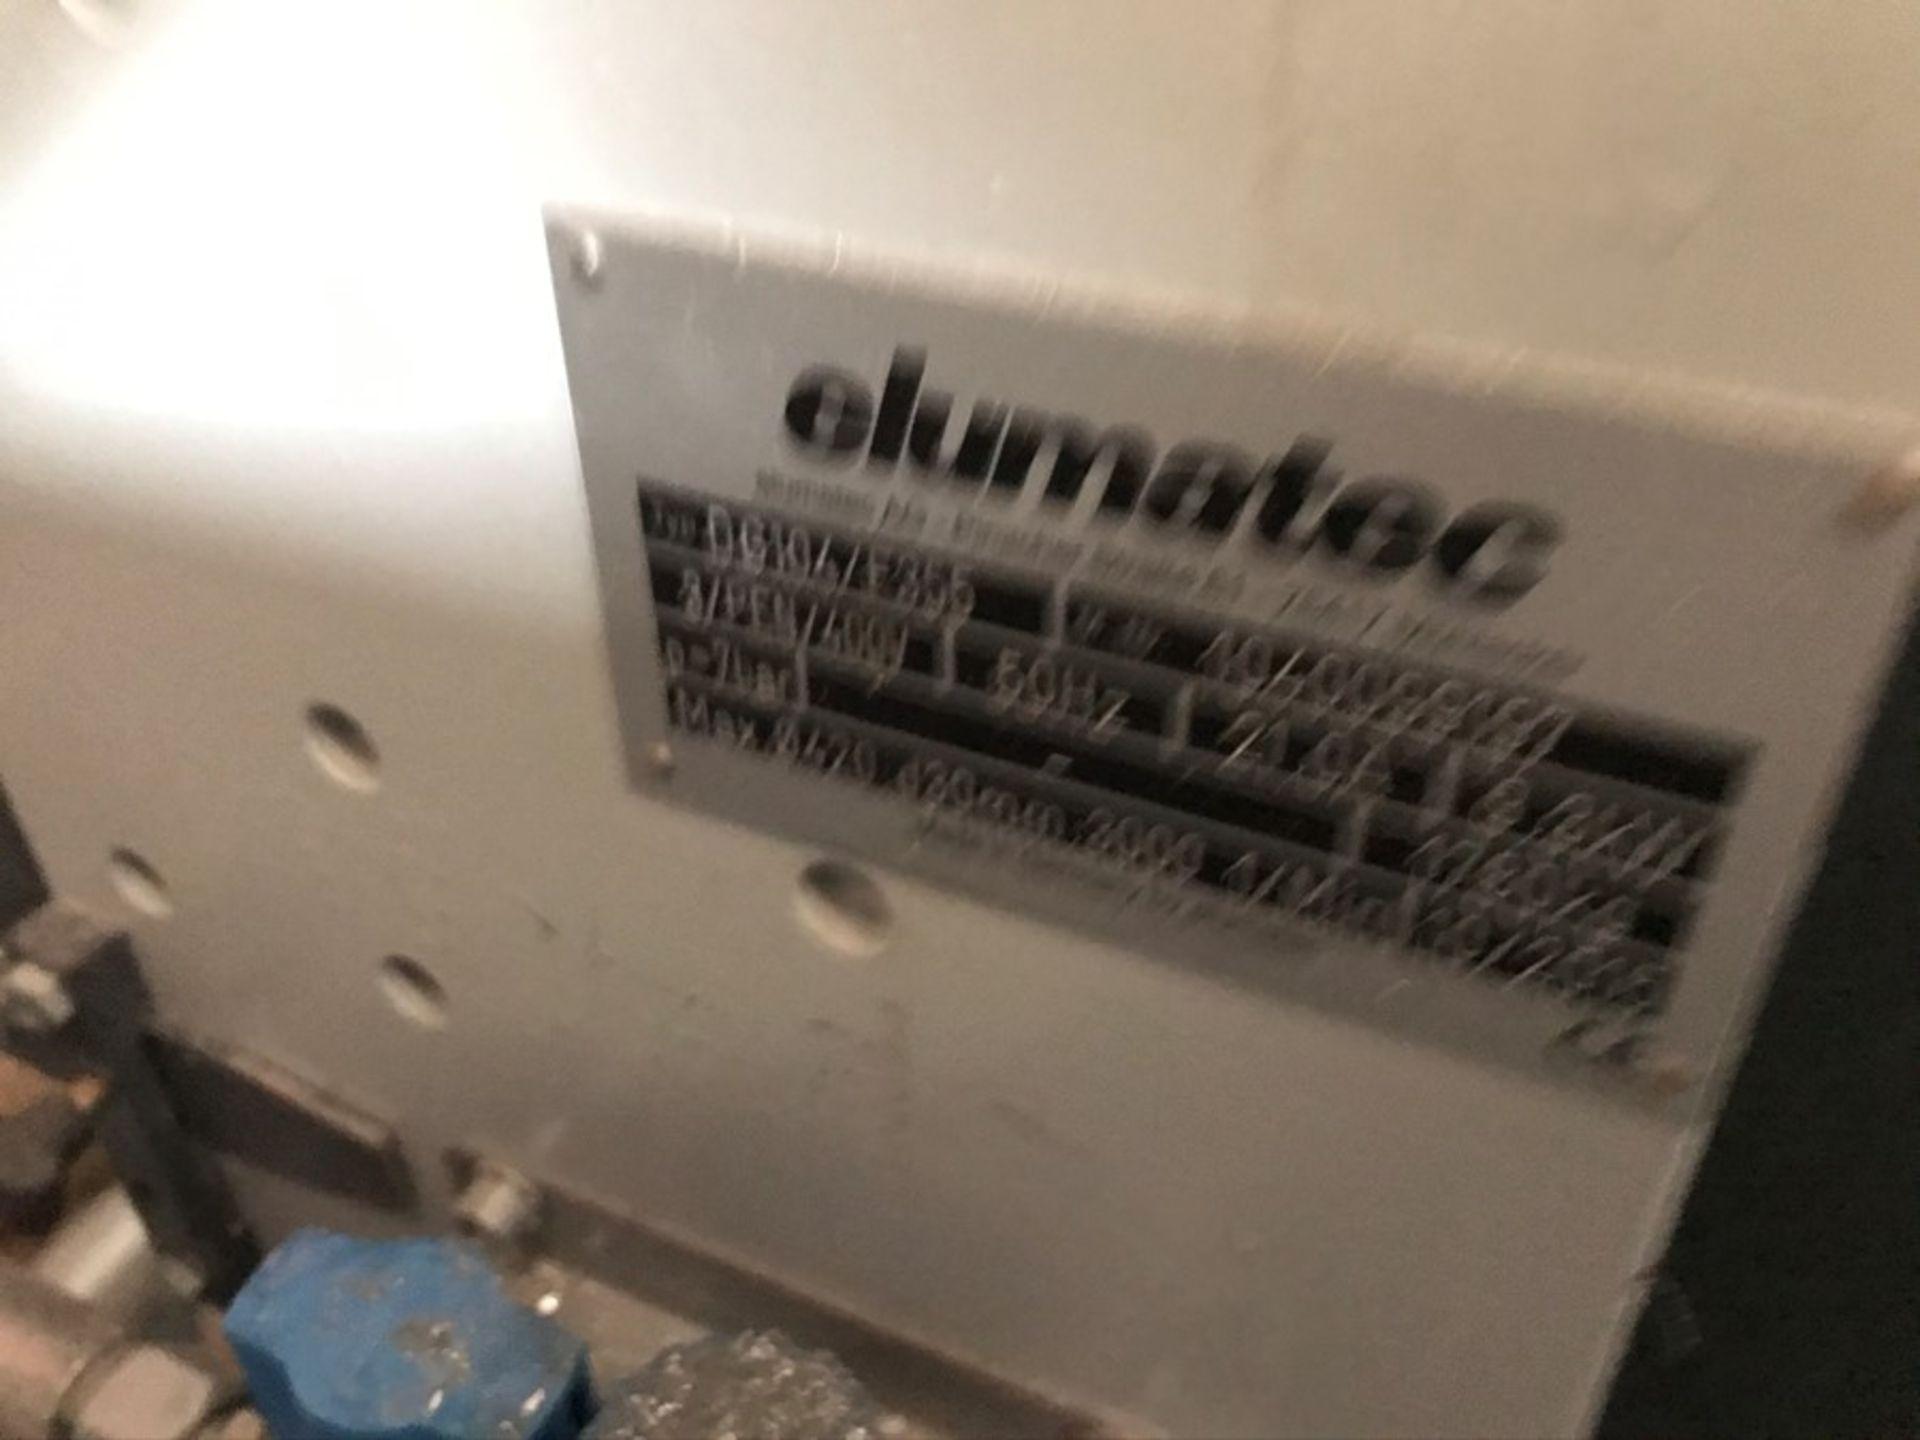 Elumatec DG104 / E355 6m double mitre saw (2015) - Image 3 of 12